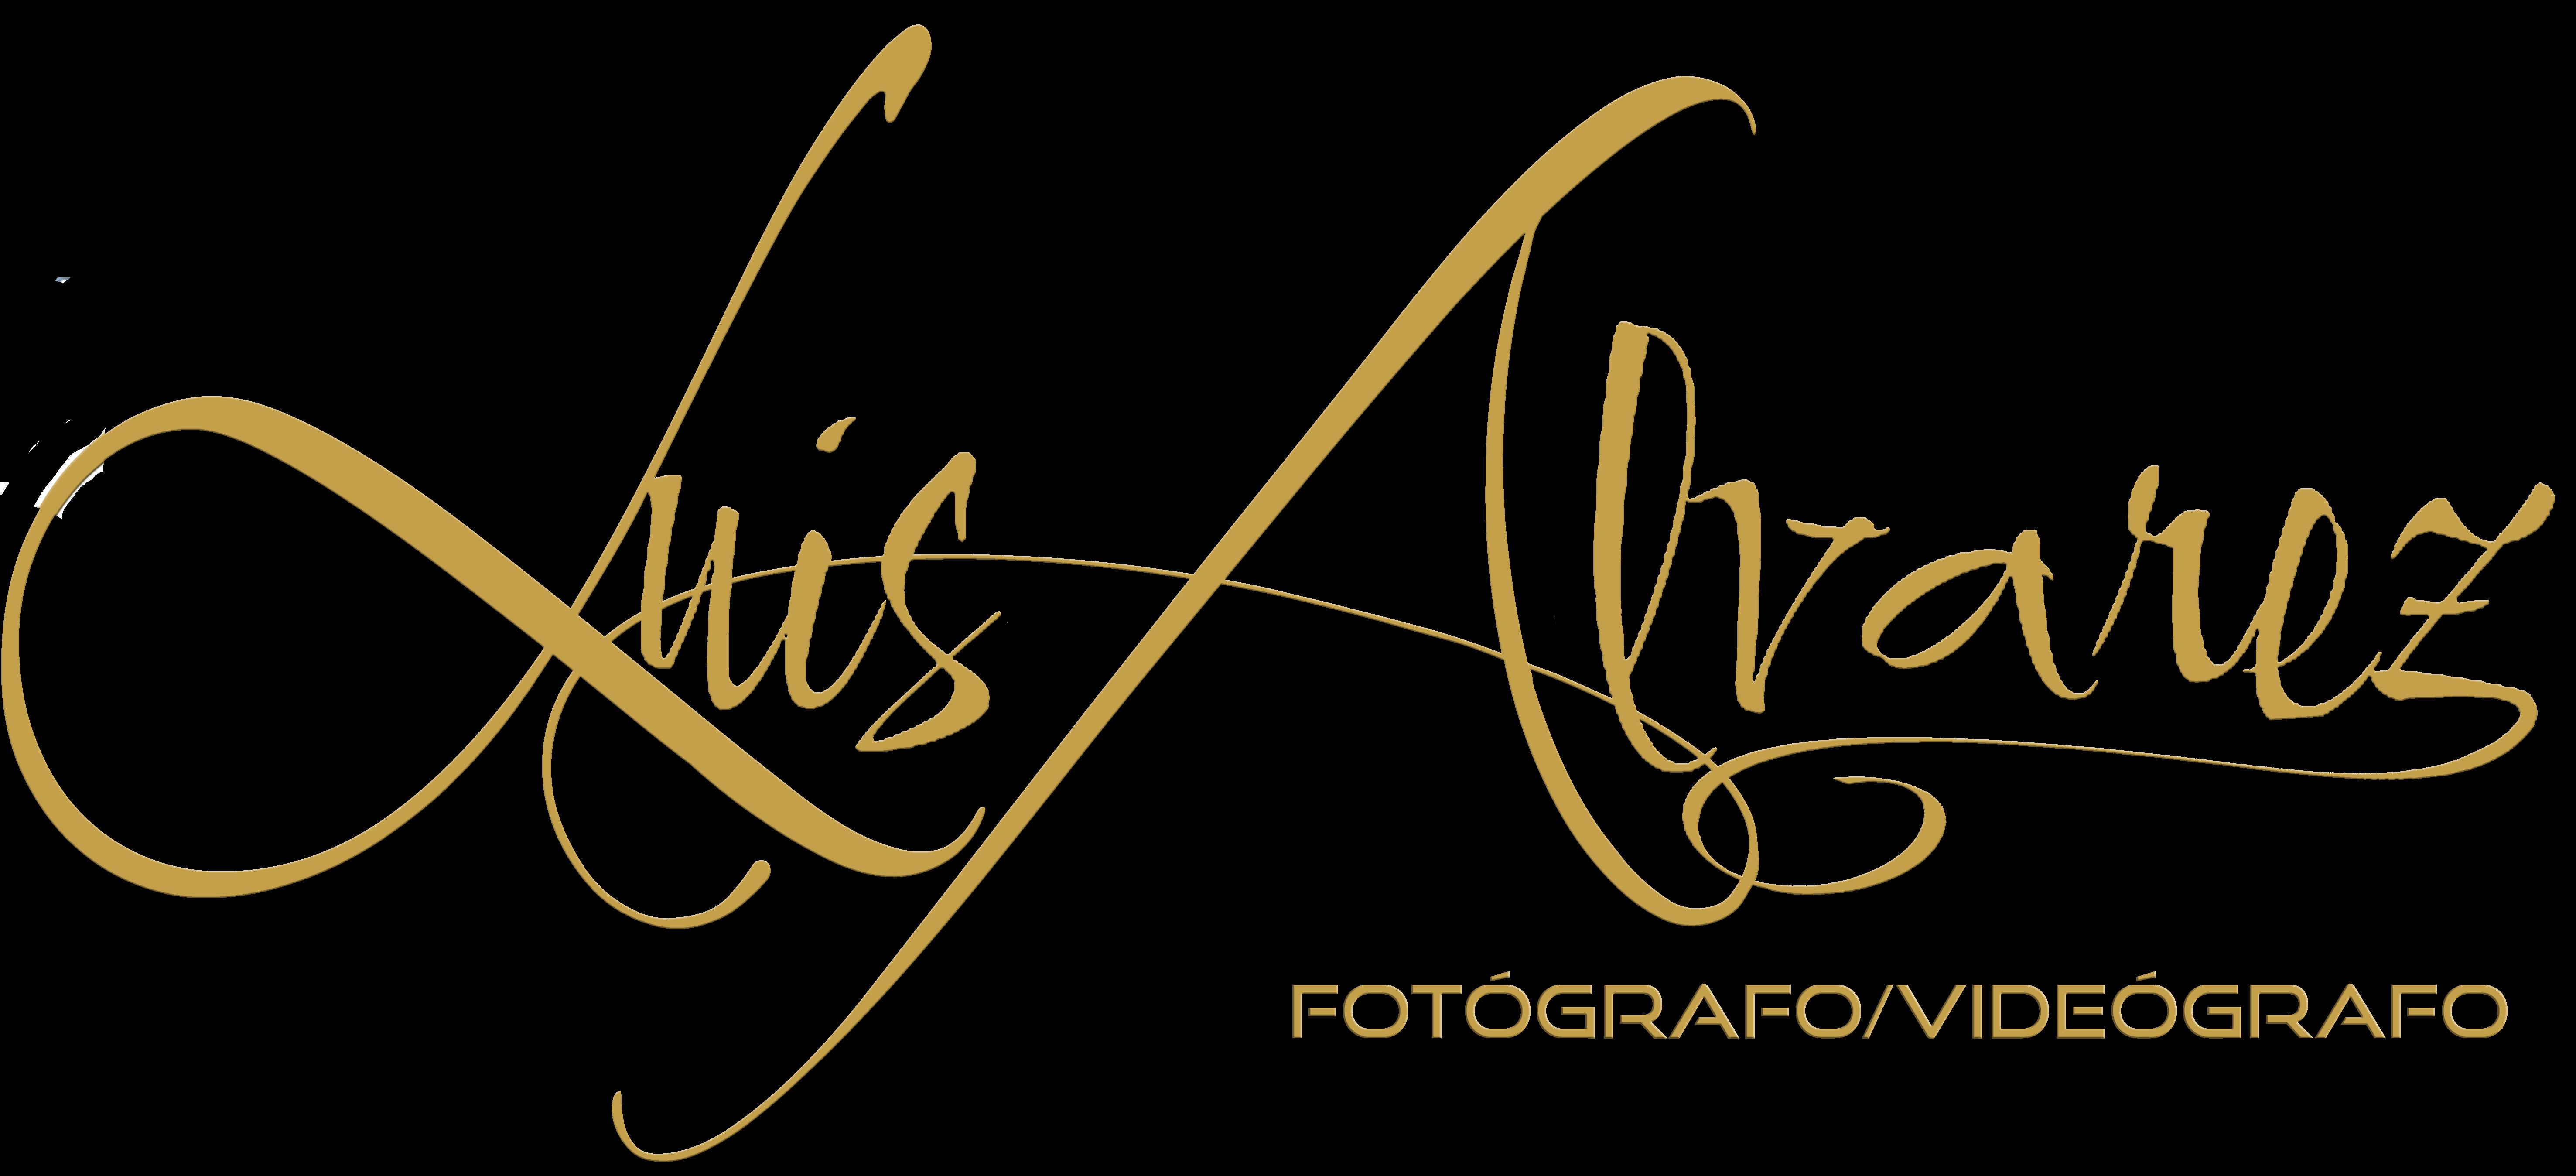 Luis Alvarez Fotógrafo